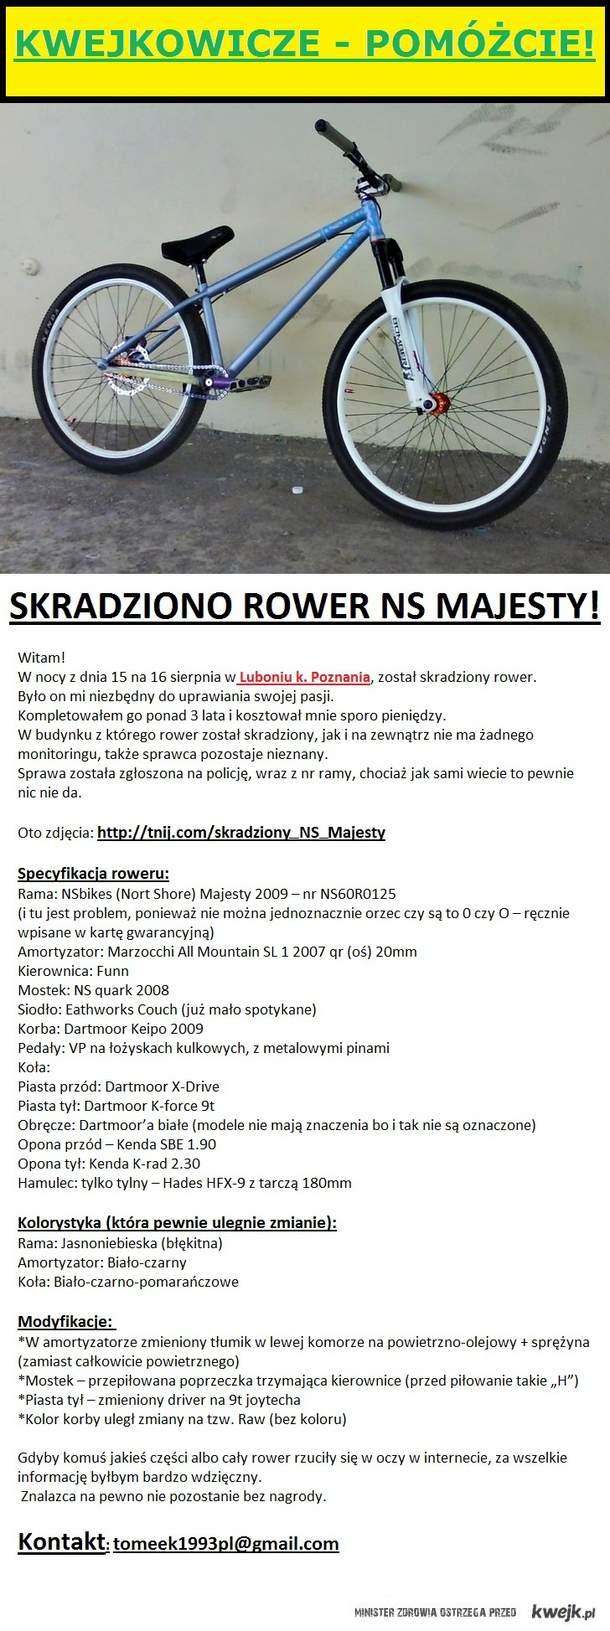 Skradziono rower NS Majesty!